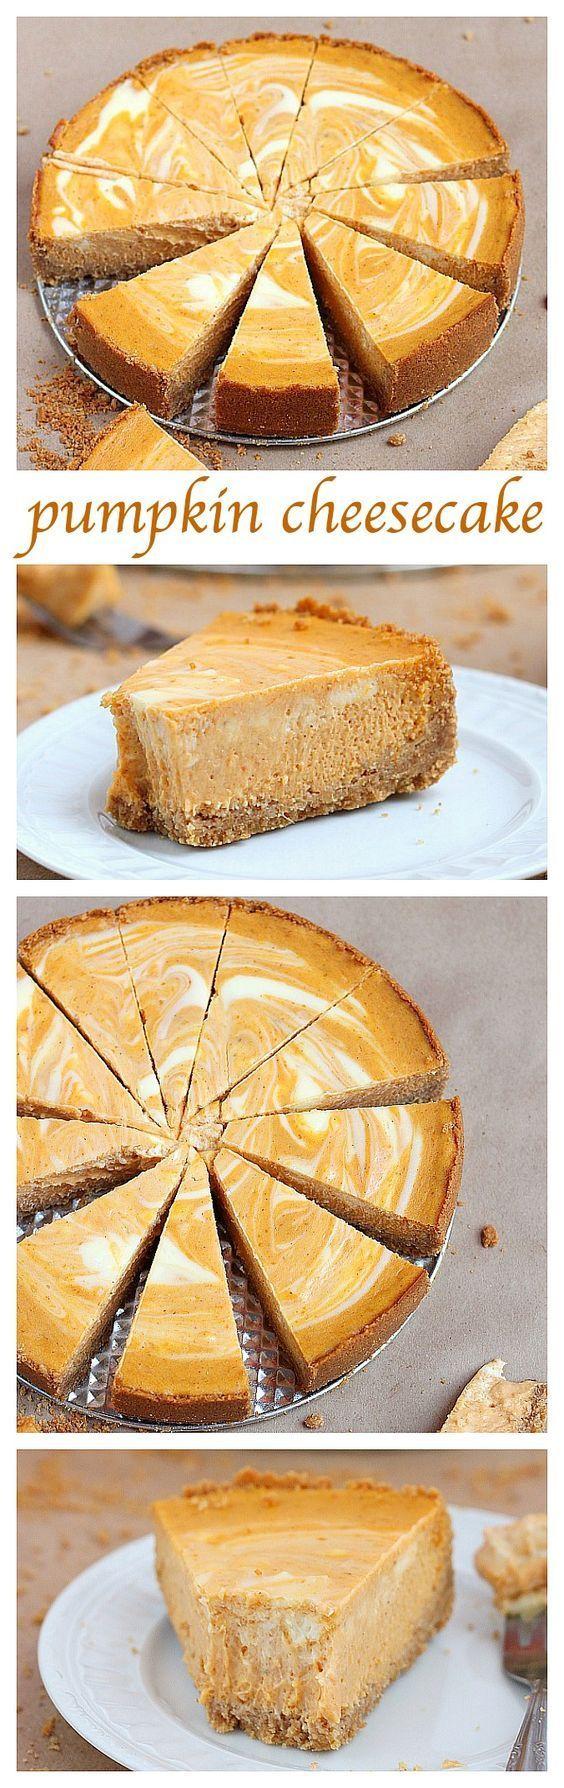 25+ best Pumpkin pie cheesecake ideas on Pinterest | Pumkin pie ...